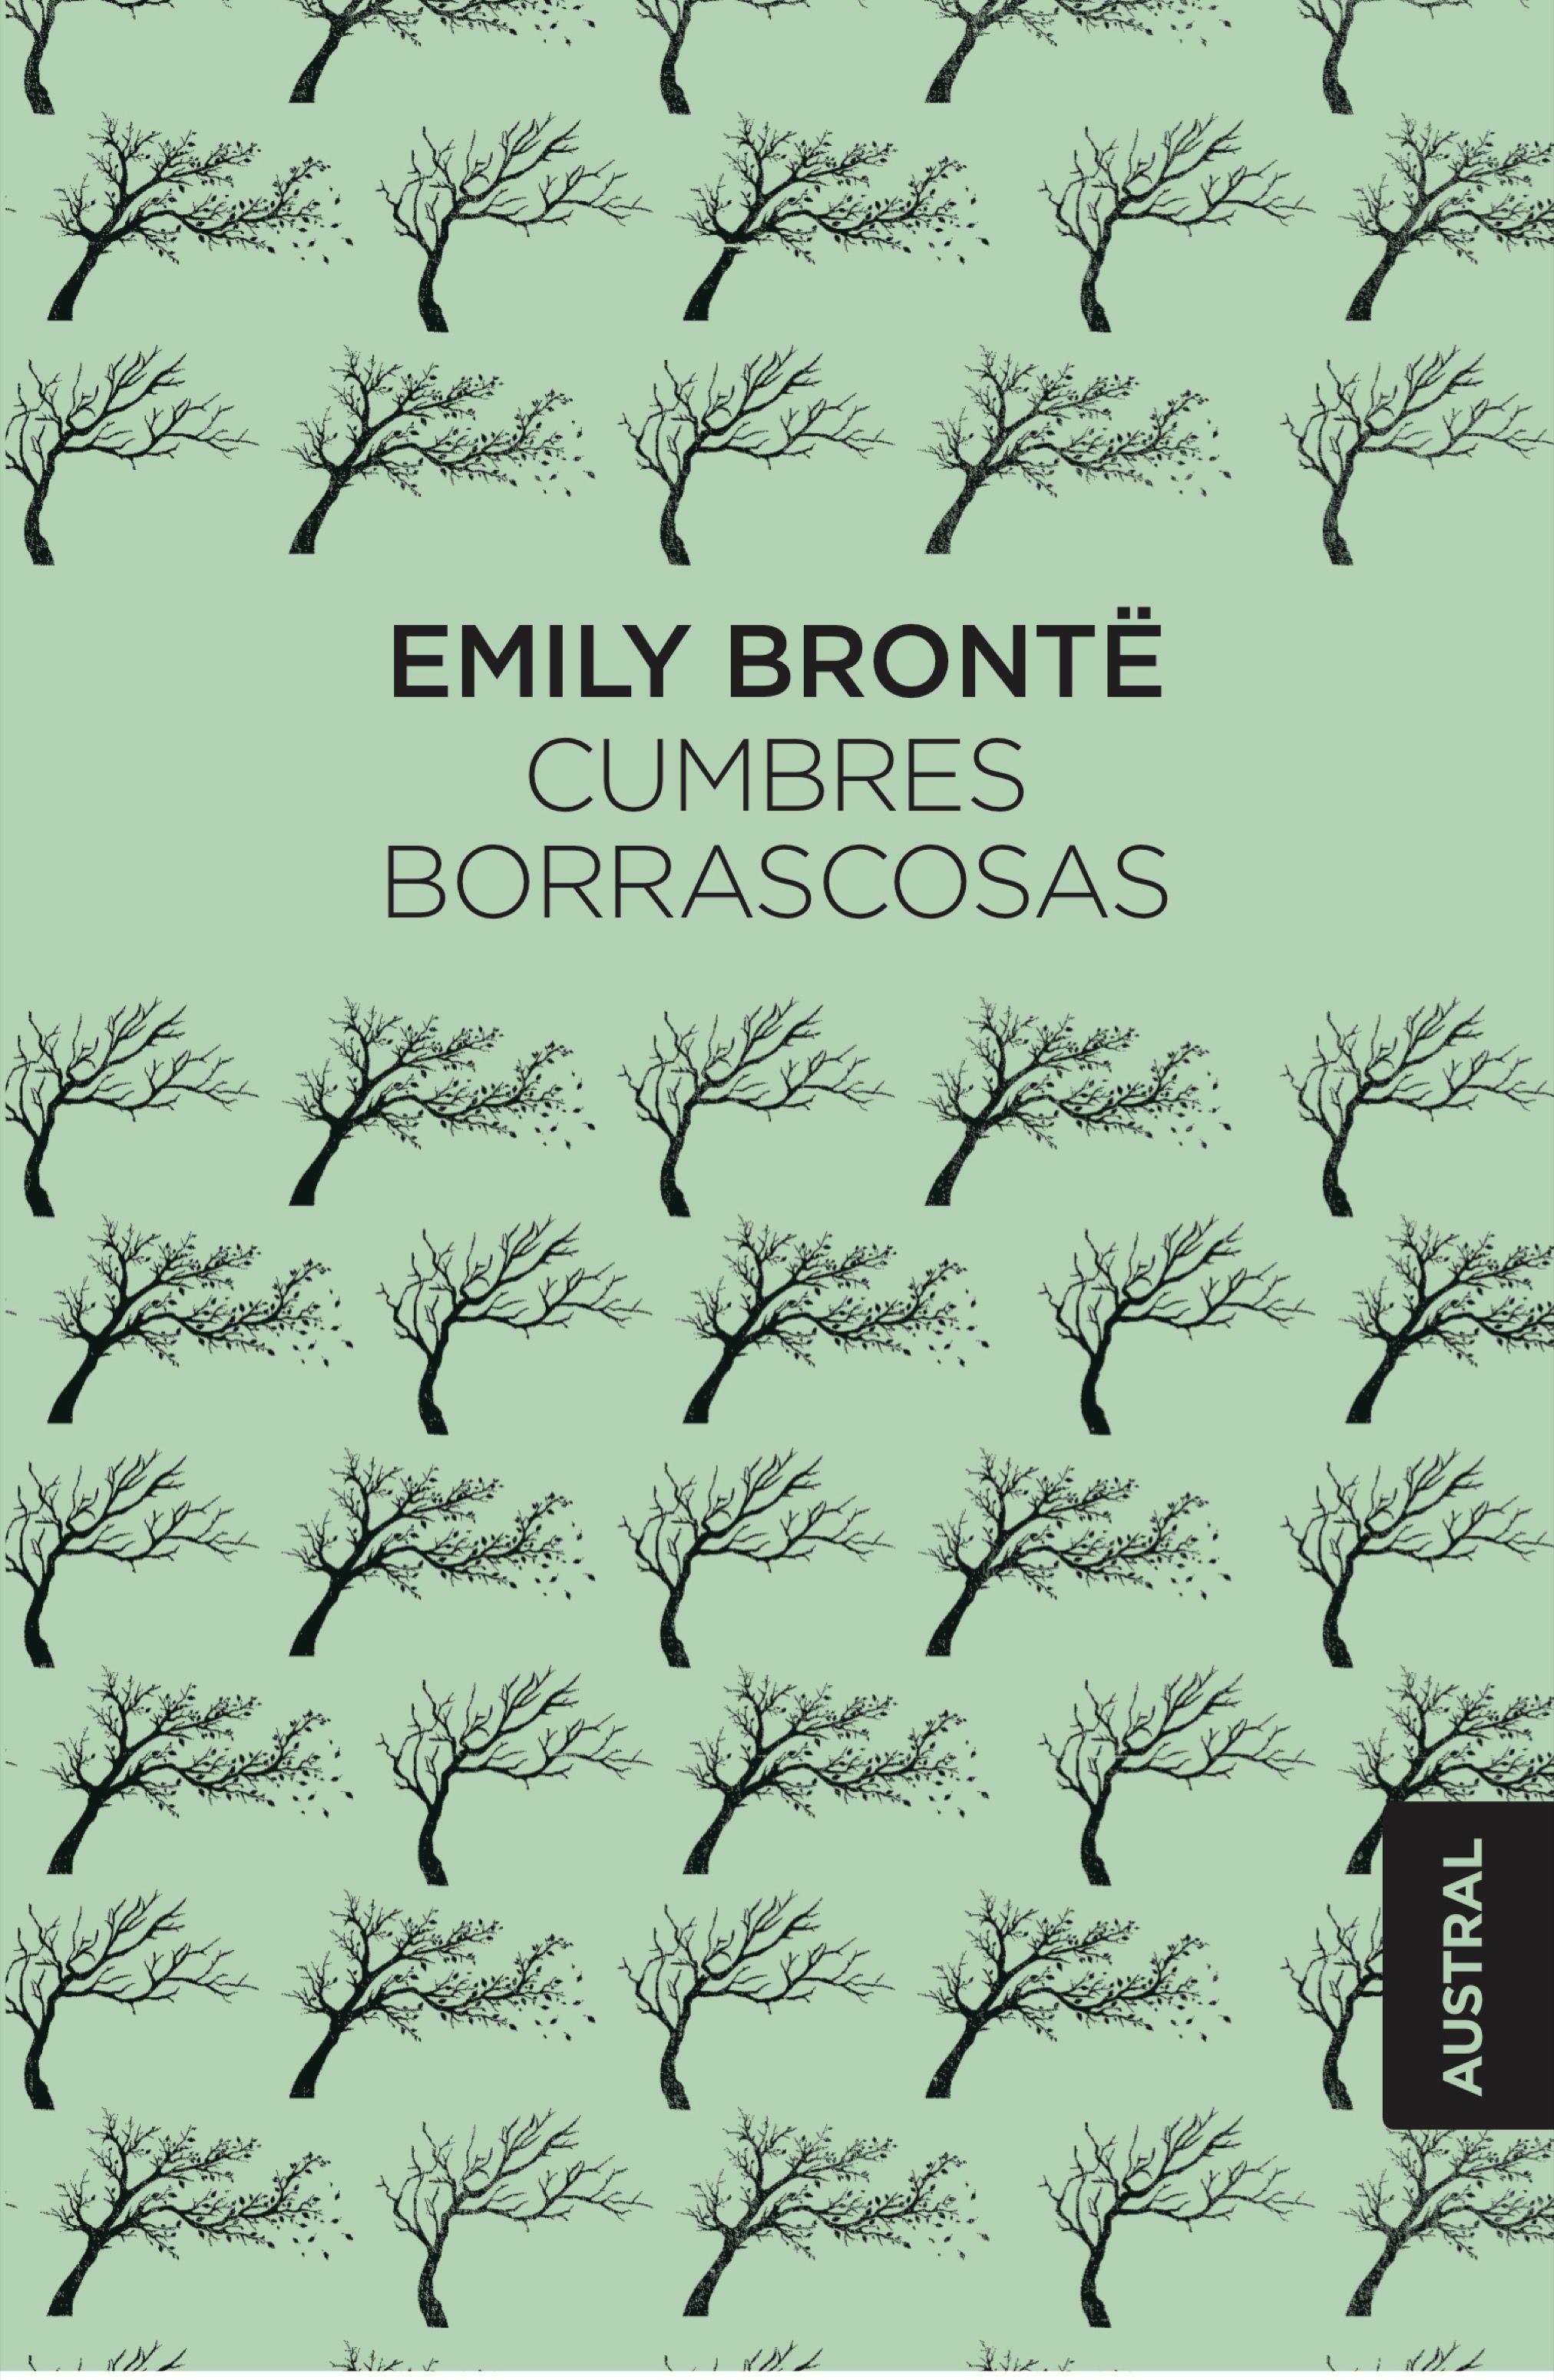 cumbres borrascosas-emily bronte-9788408181804